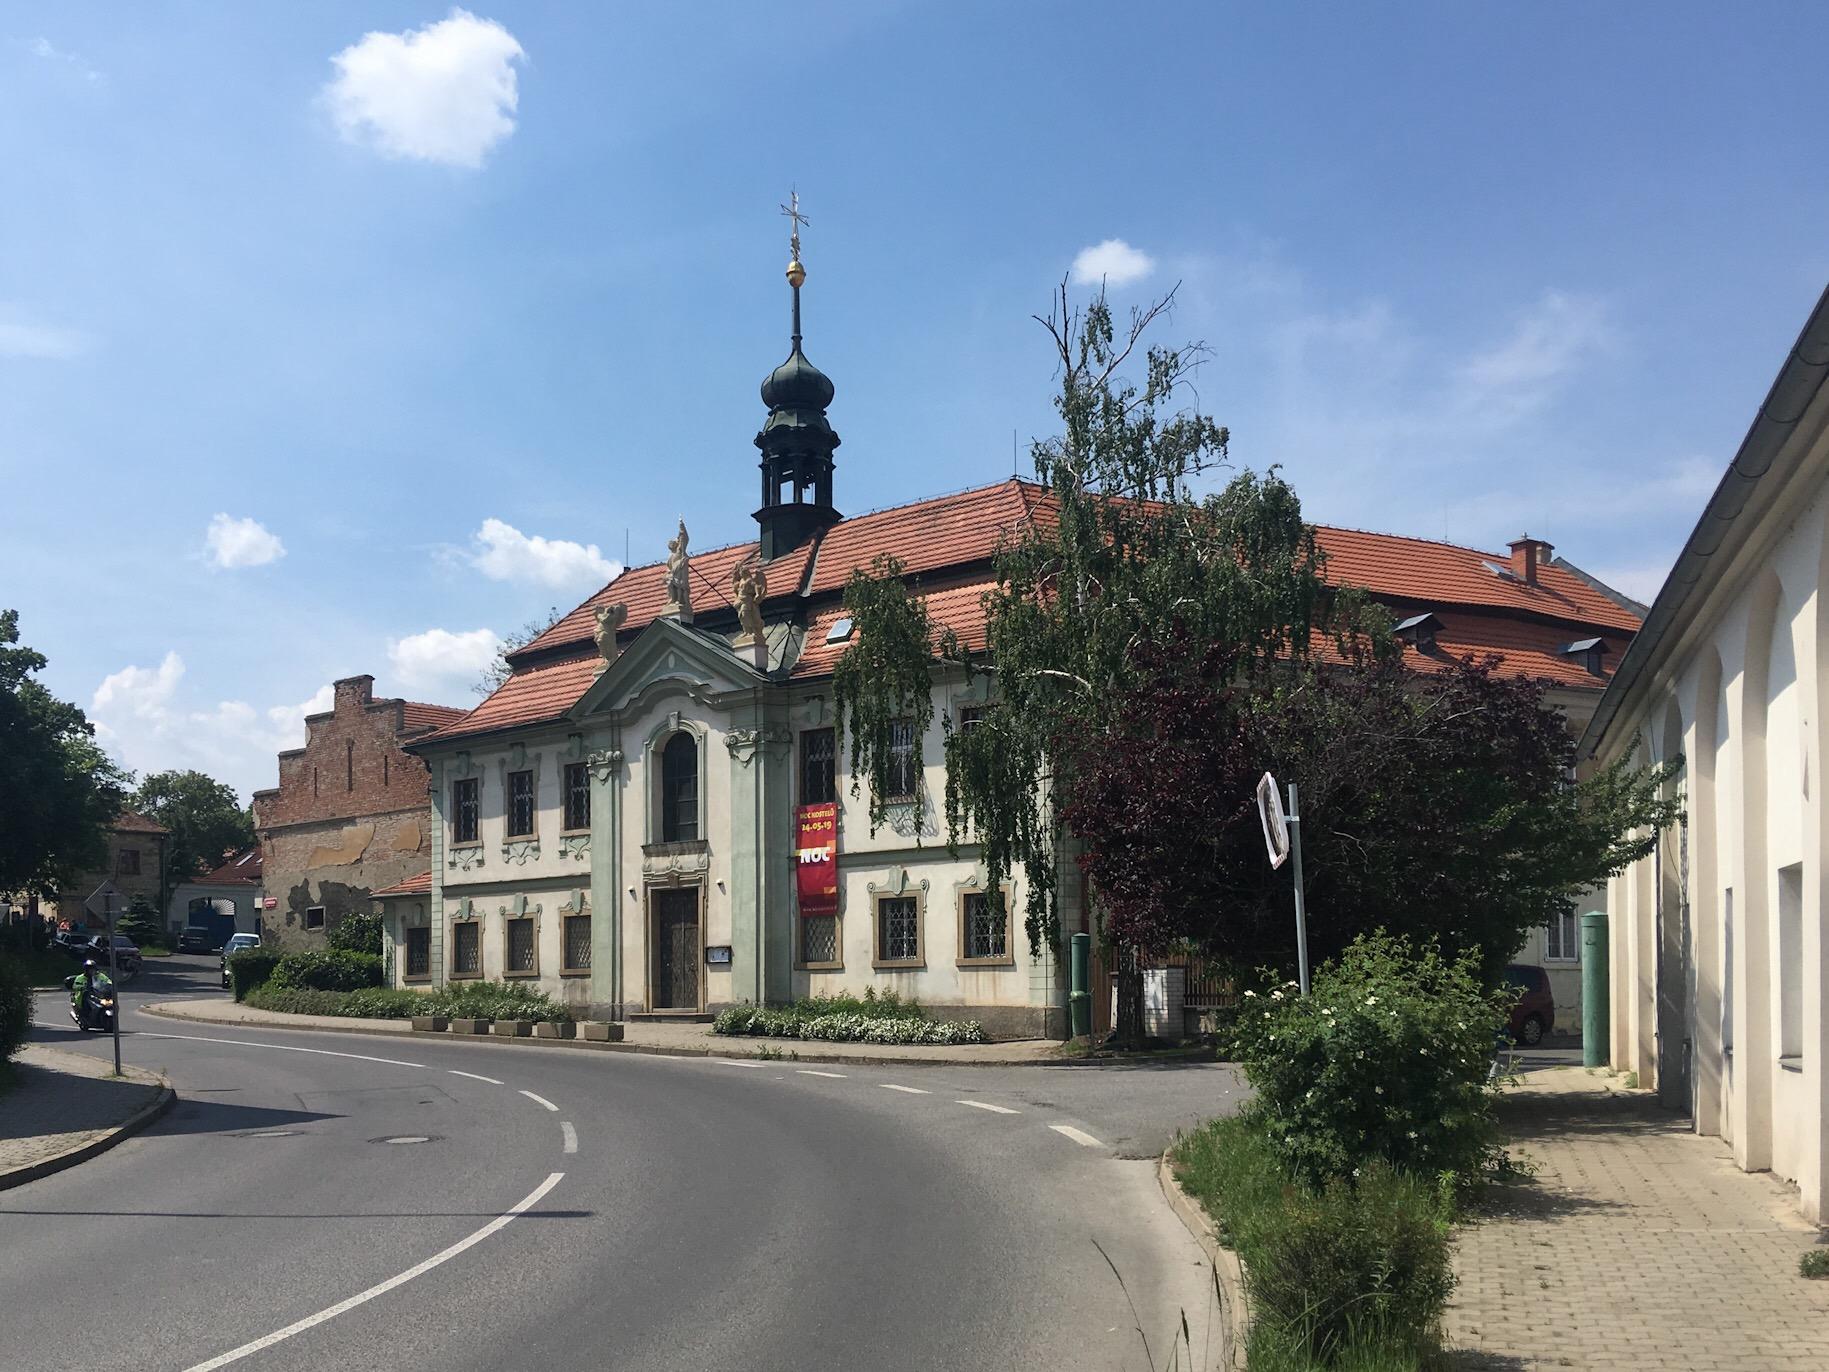 Kaple-Praha-Dablice